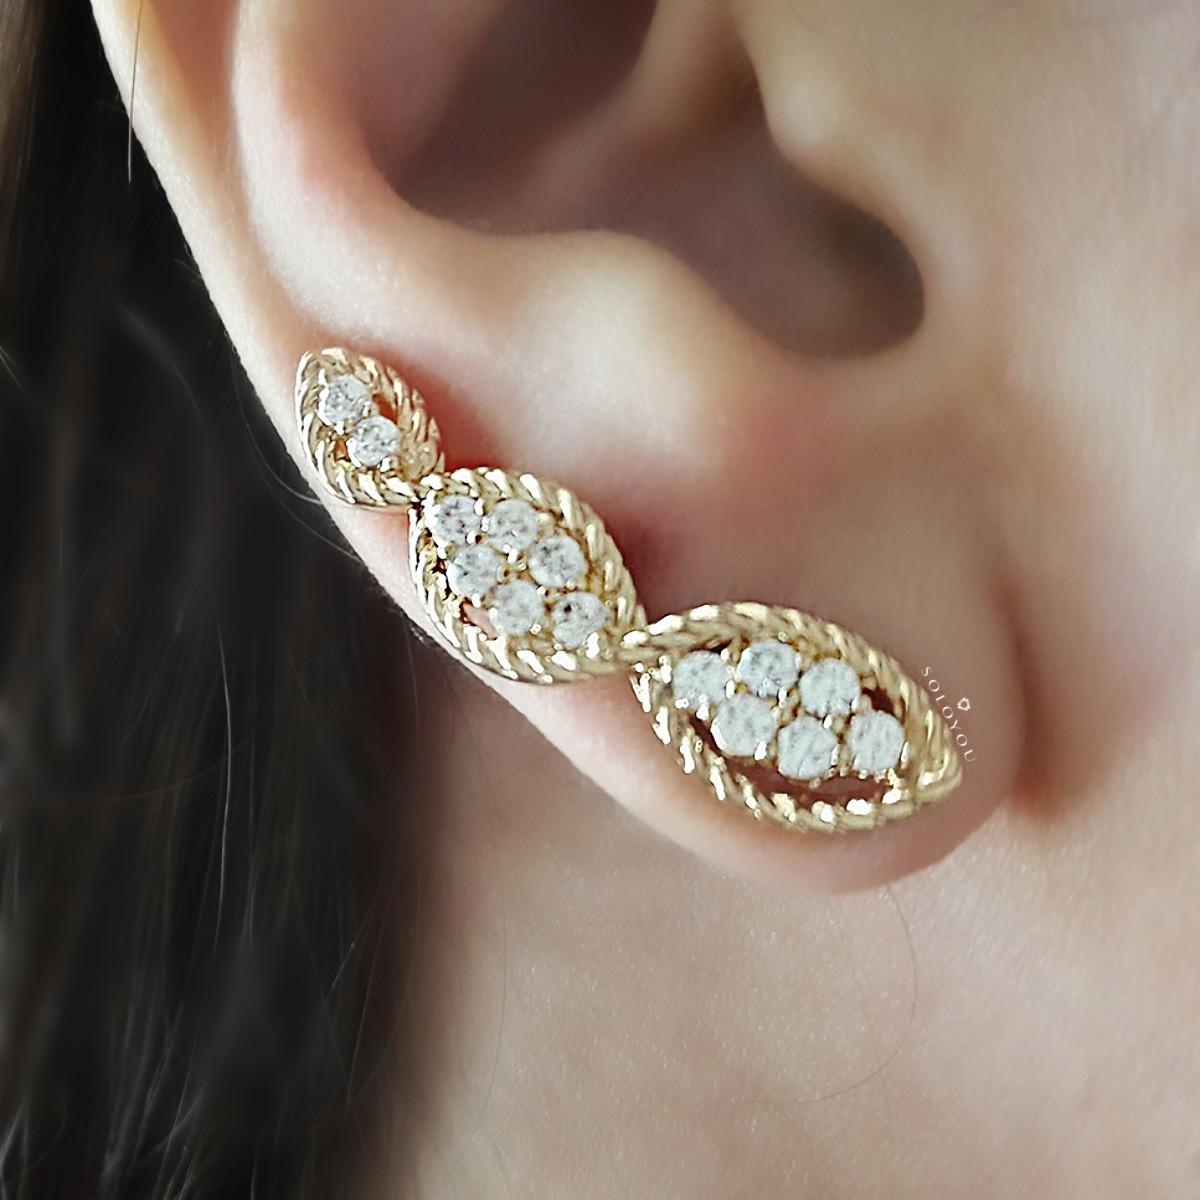 Brinco Ear Cuff Trançado Semijoia em Ouro 18K com Zircônia Branca Brilhante  - Soloyou